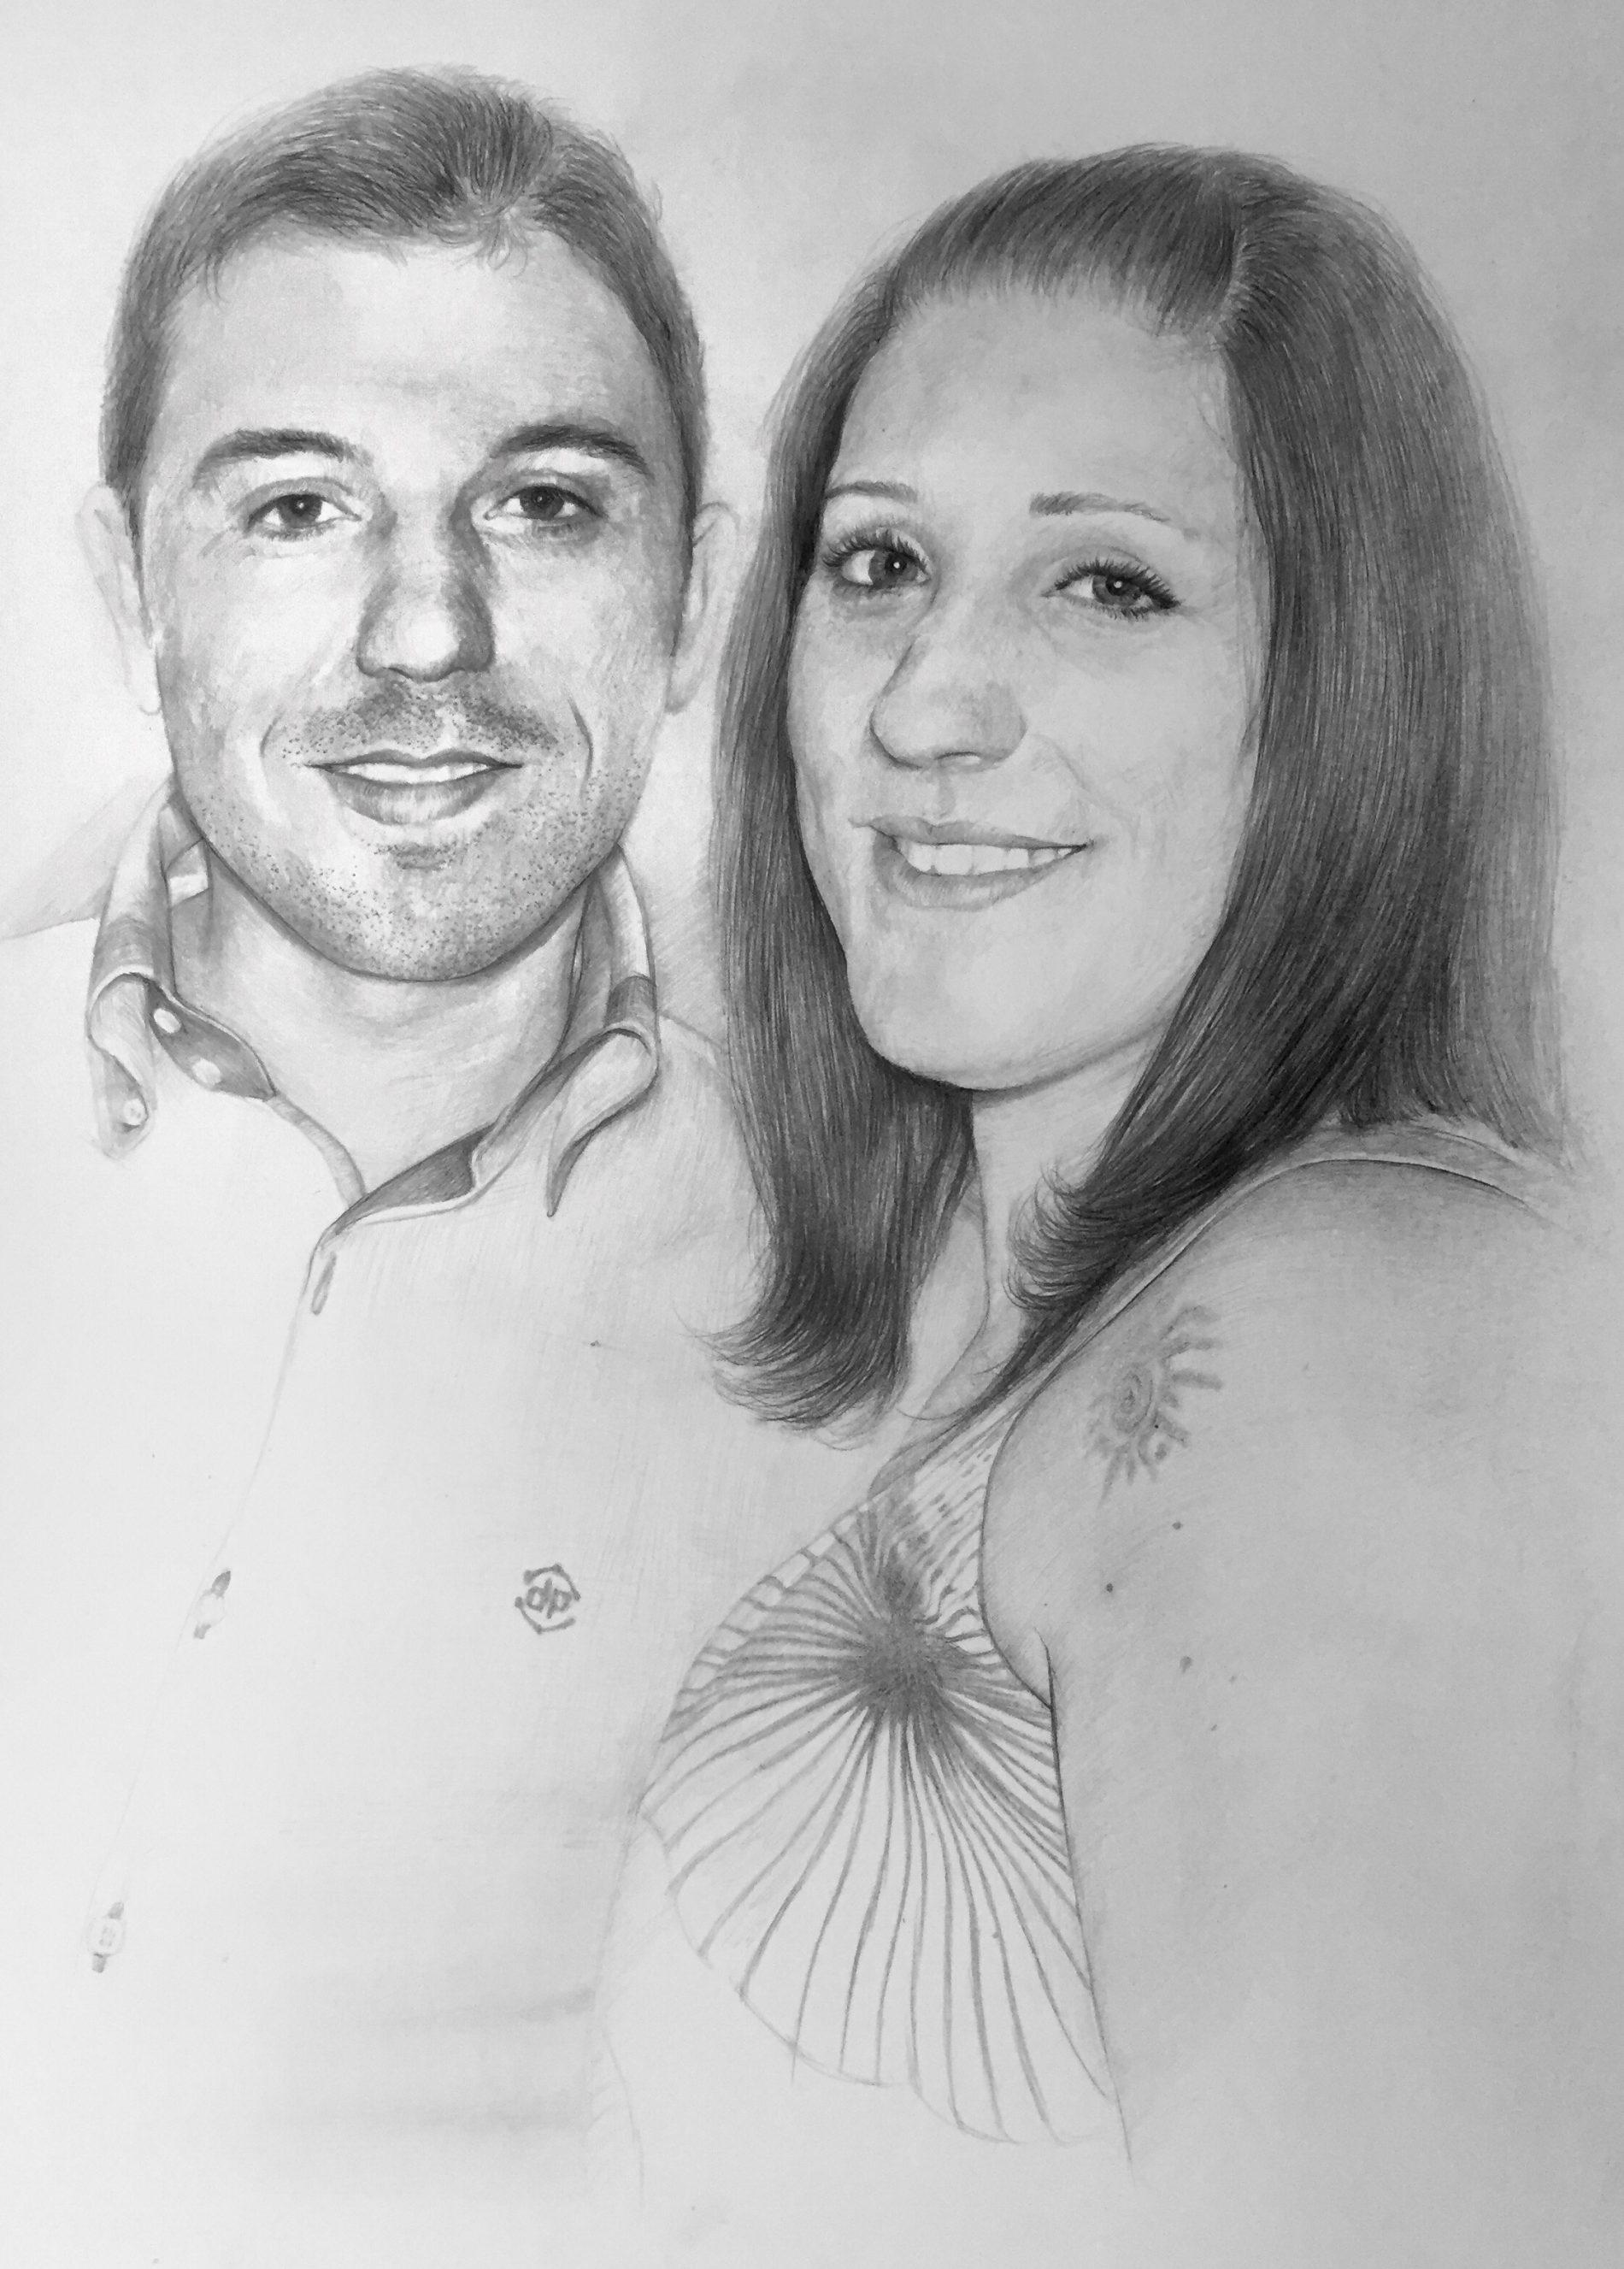 retratos-por-encargo-51-e1488877557771